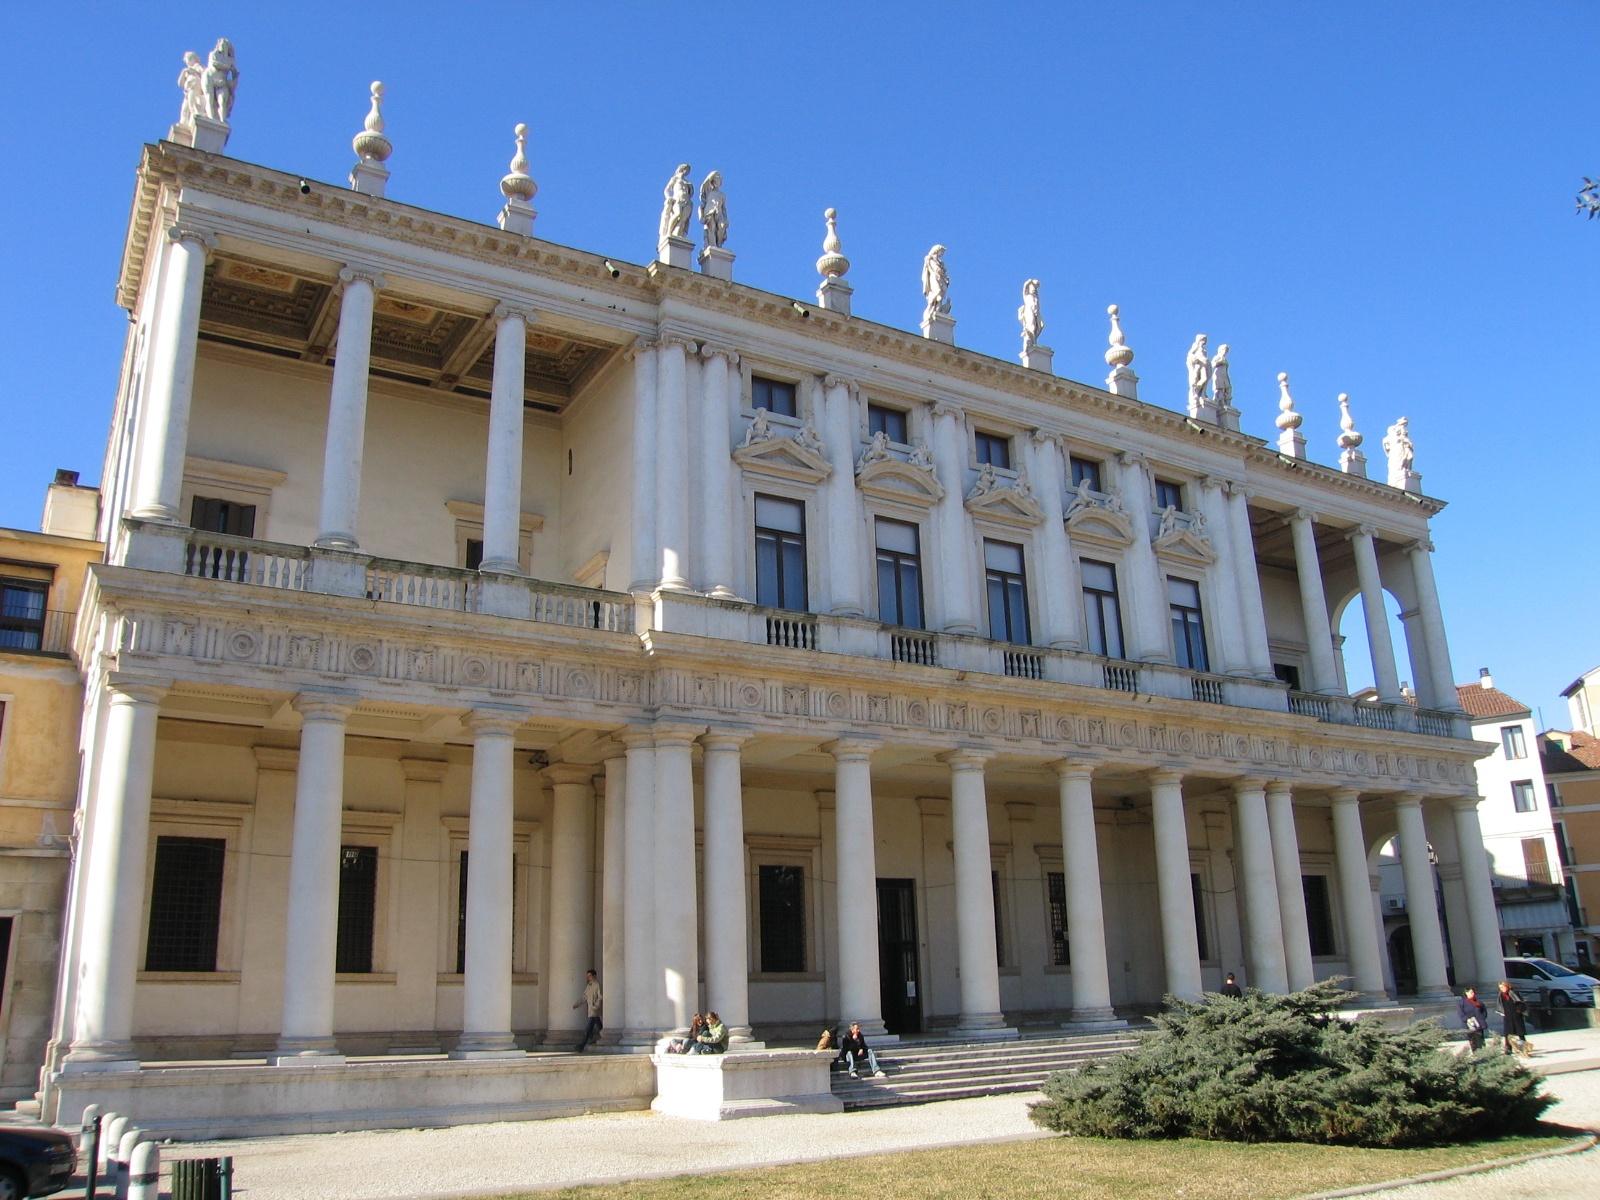 Palazzo_Chiericati_IB-Vicenza-01